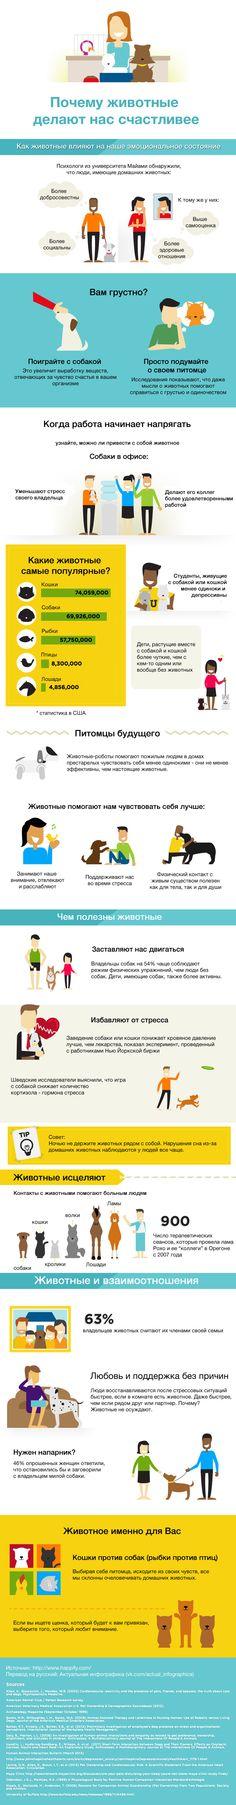 Почему животные делают нас счастливее (инфографика) #кошки #собаки #животные #счастье #инфографика